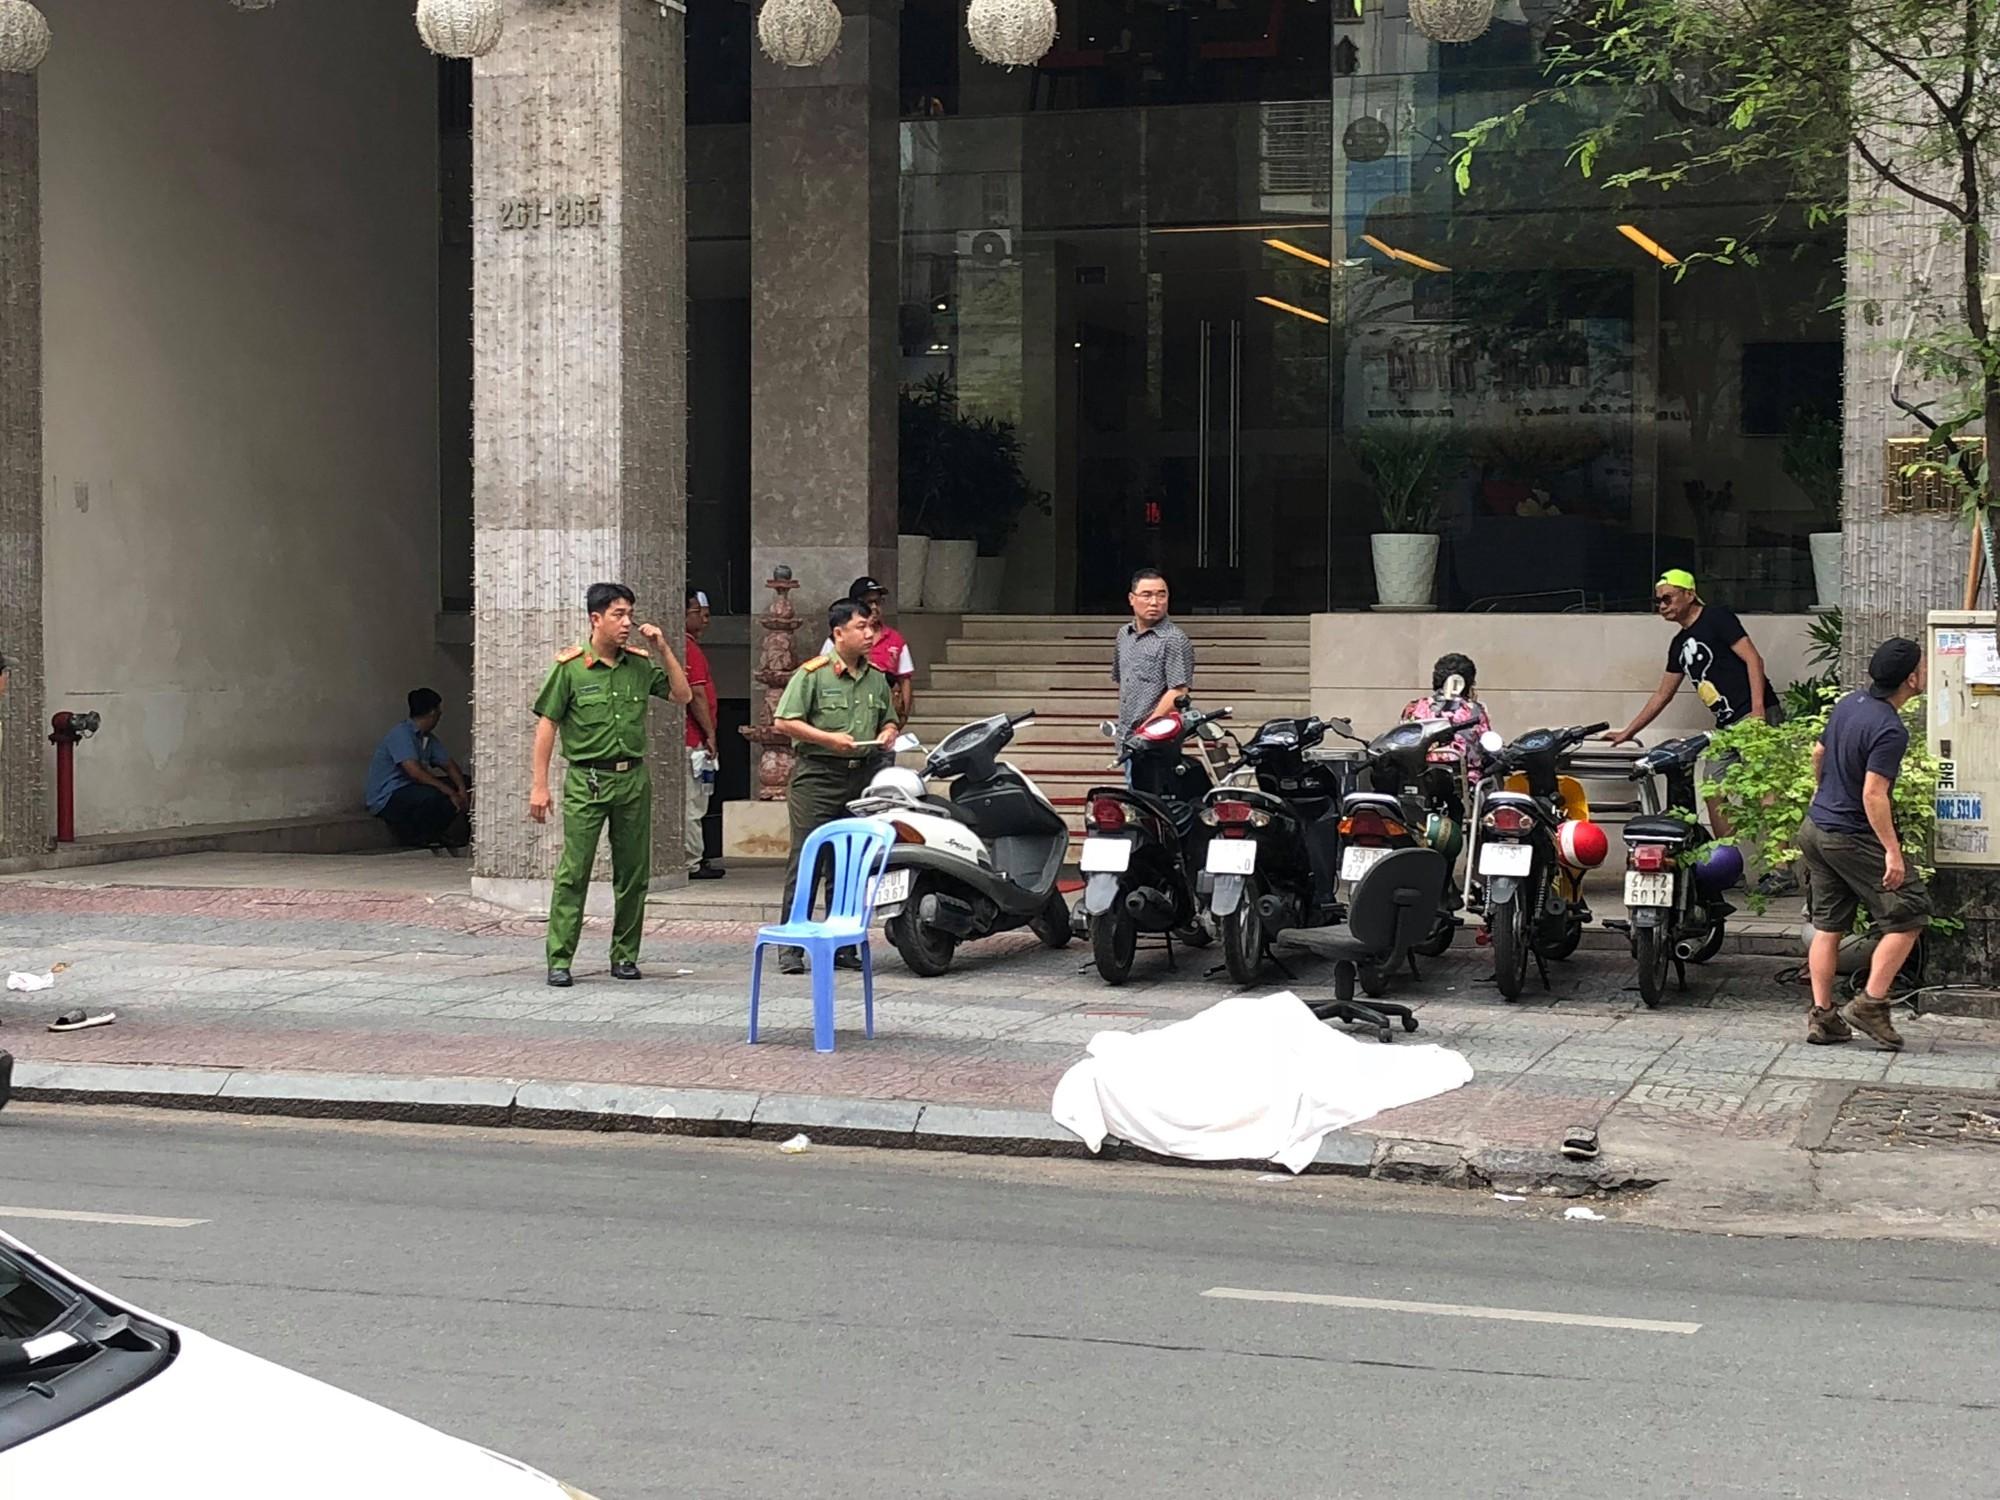 Người đàn ông ngoại quốc gieo mình tử vong ở khách sạn trung tâm Sài Gòn - Ảnh 1.